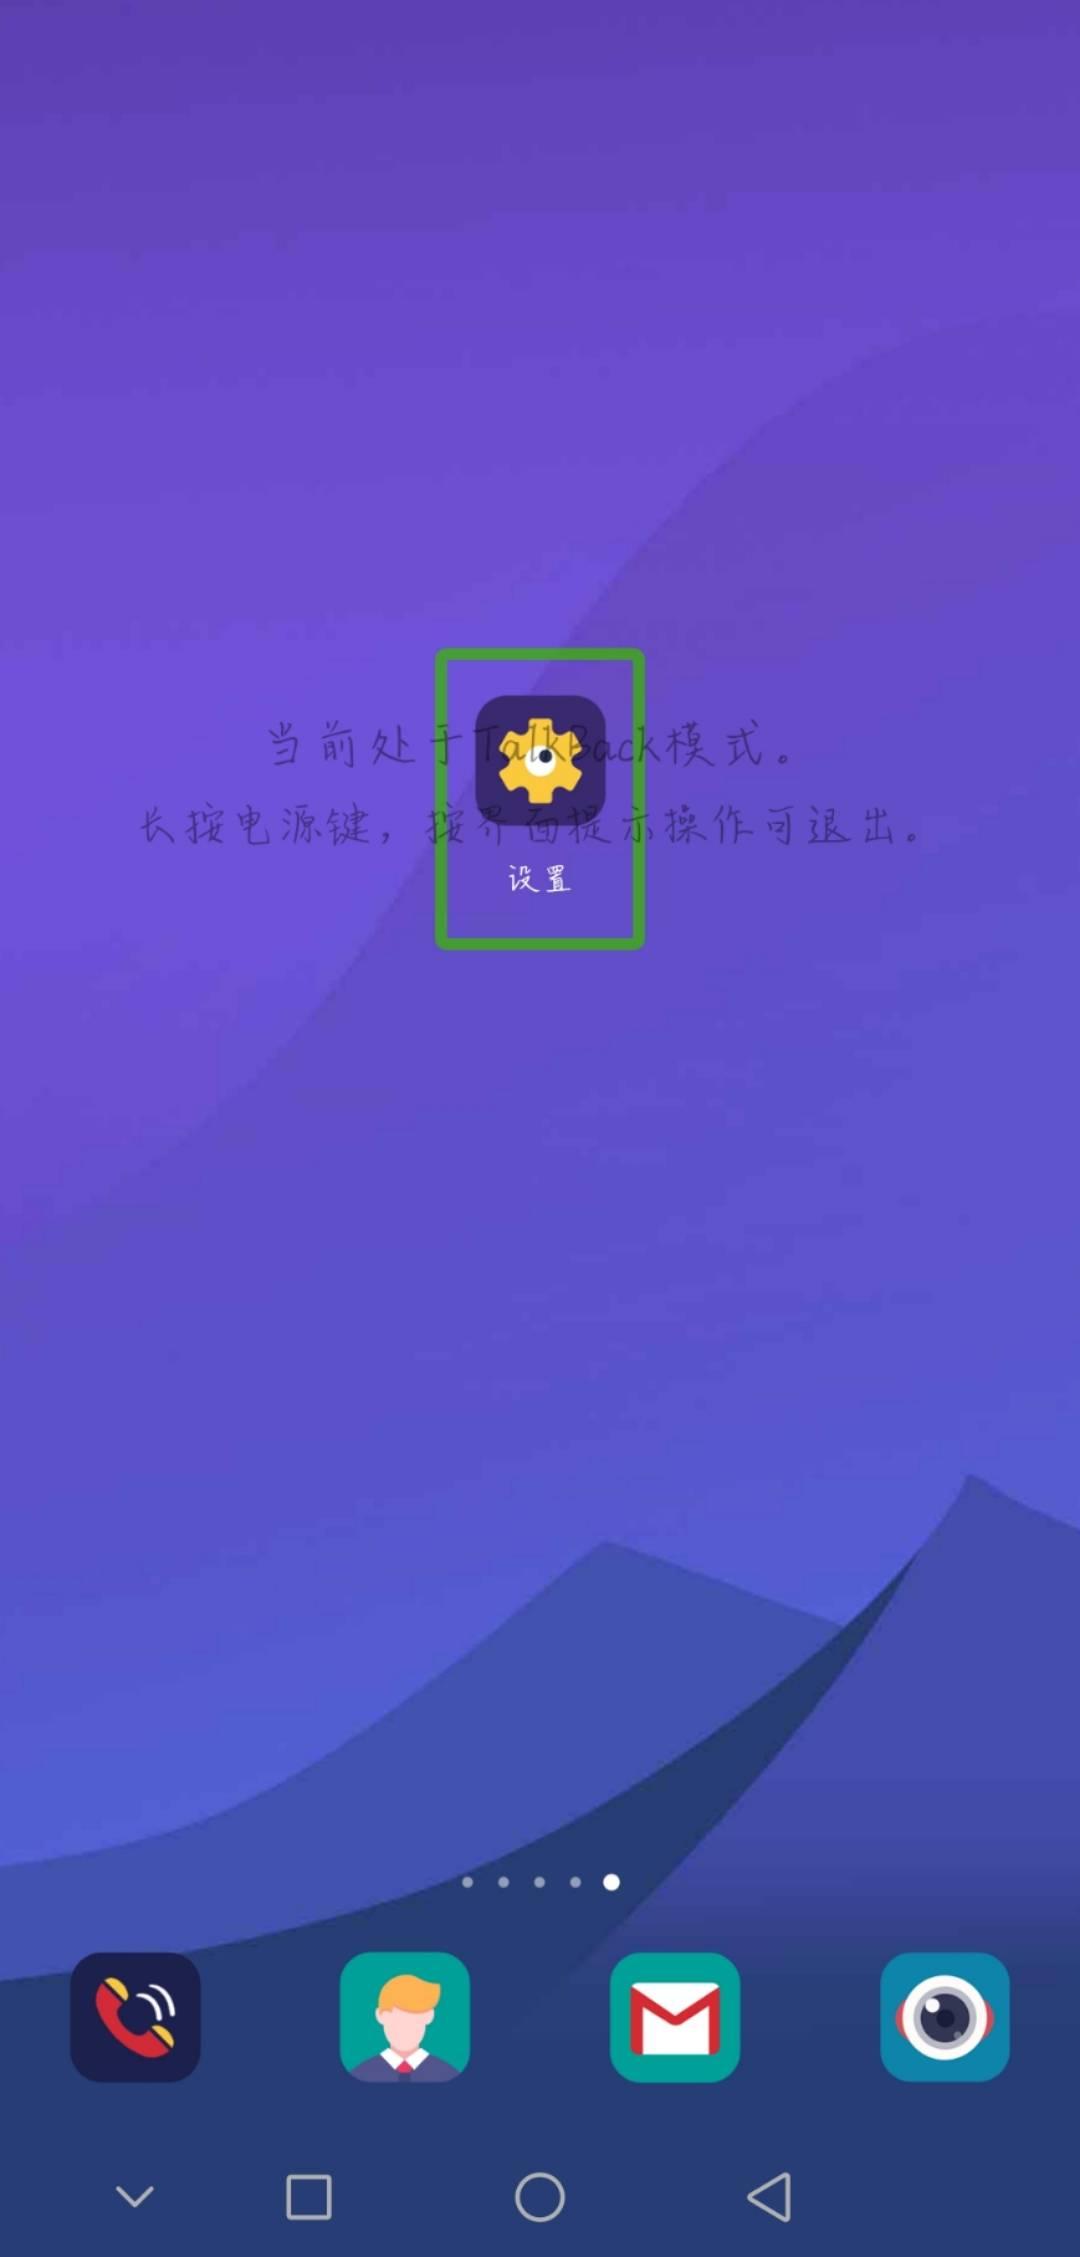 华为双击关闭盲人模式(华为真的有盲人模式吗)插图(2)